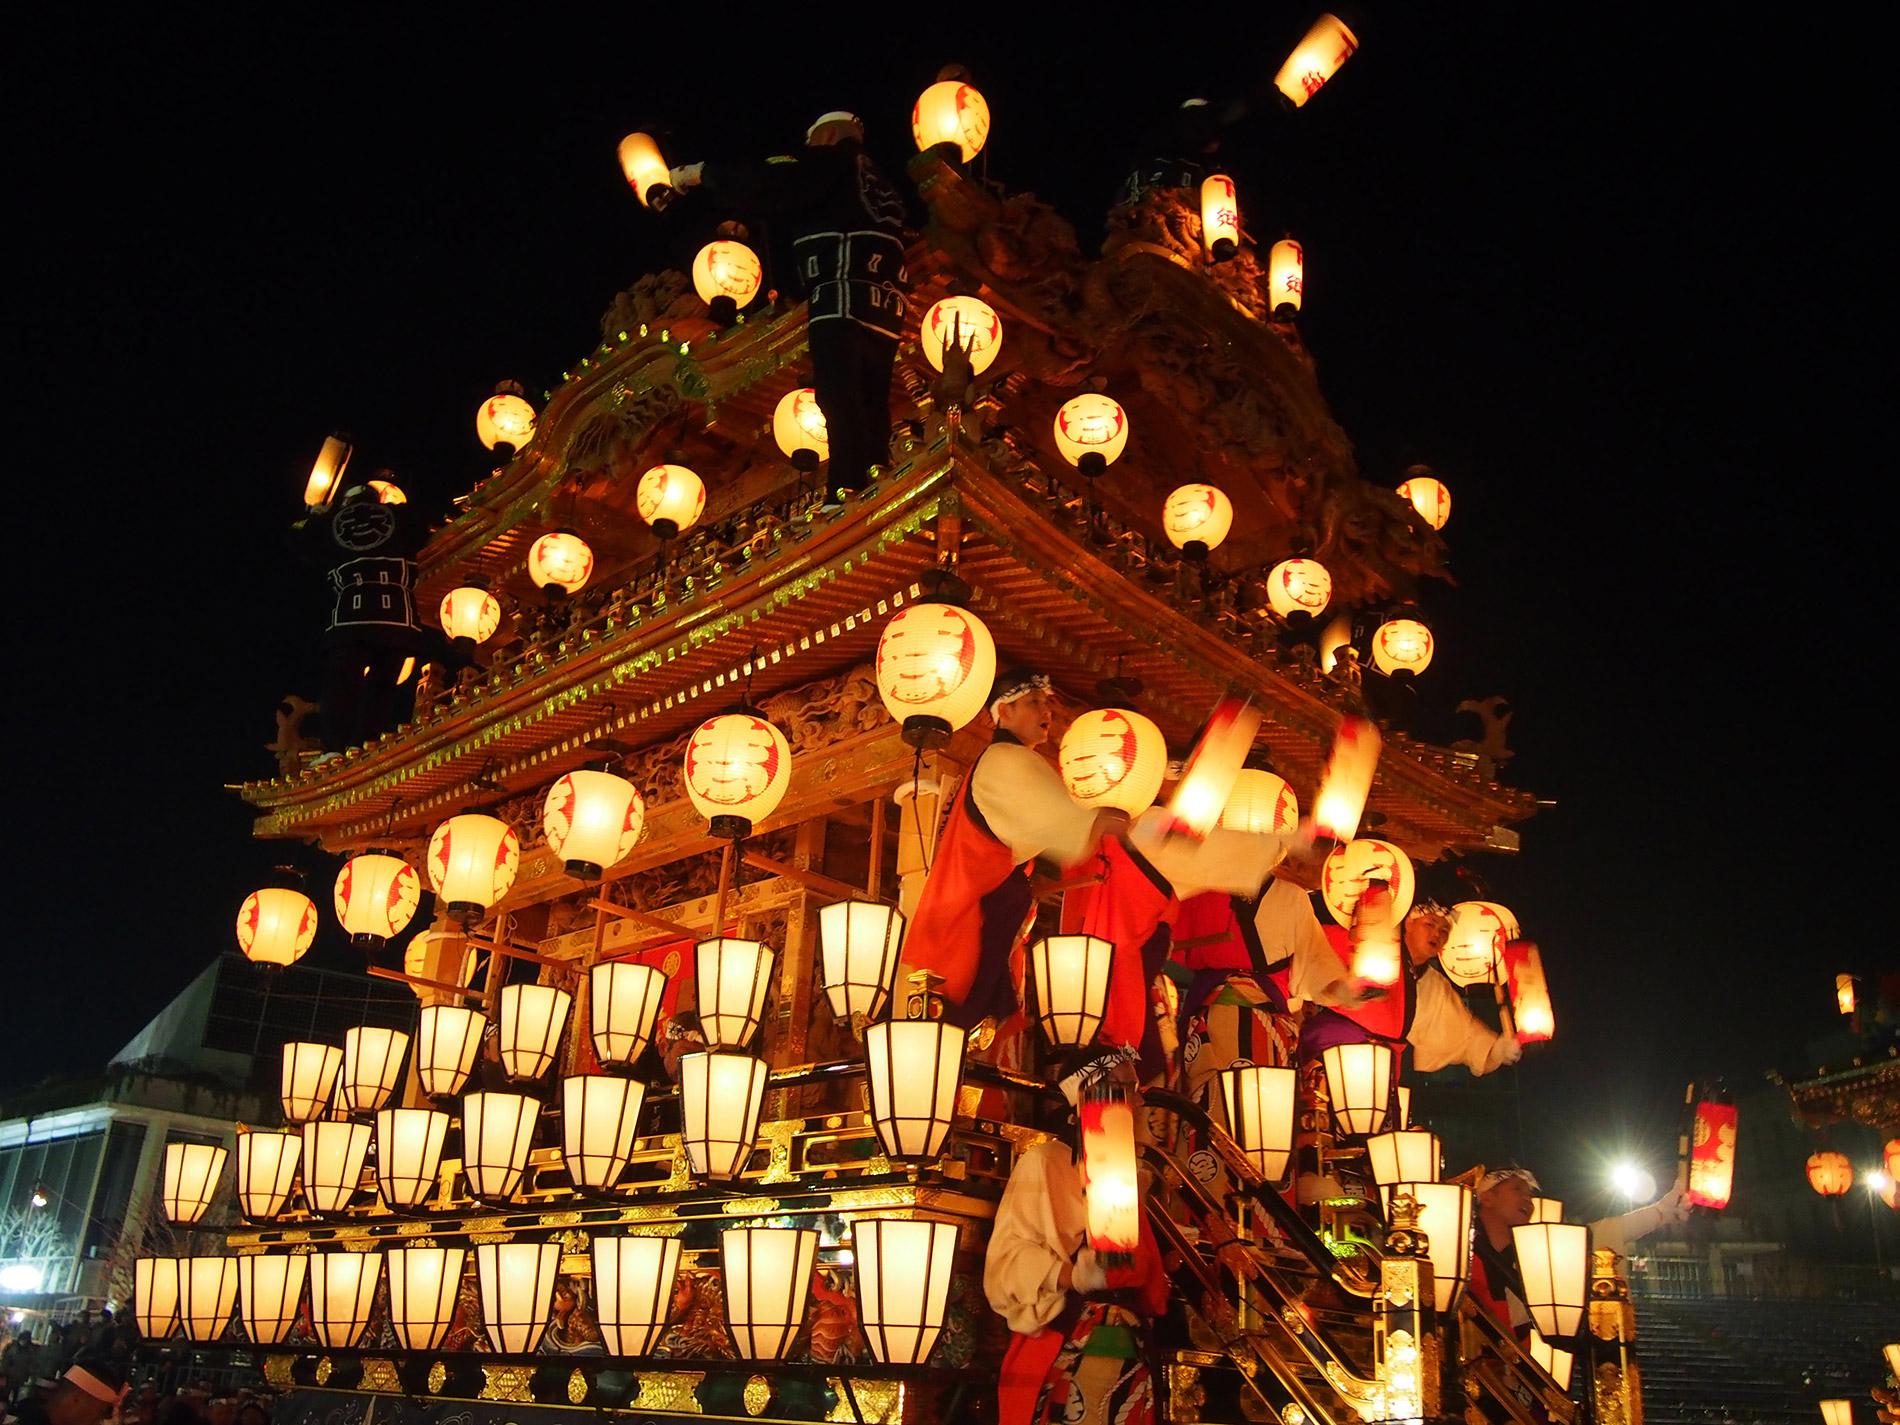 Ein prachtvoll beleuchteter Festwagen beim Chichibu Nachtfestival.